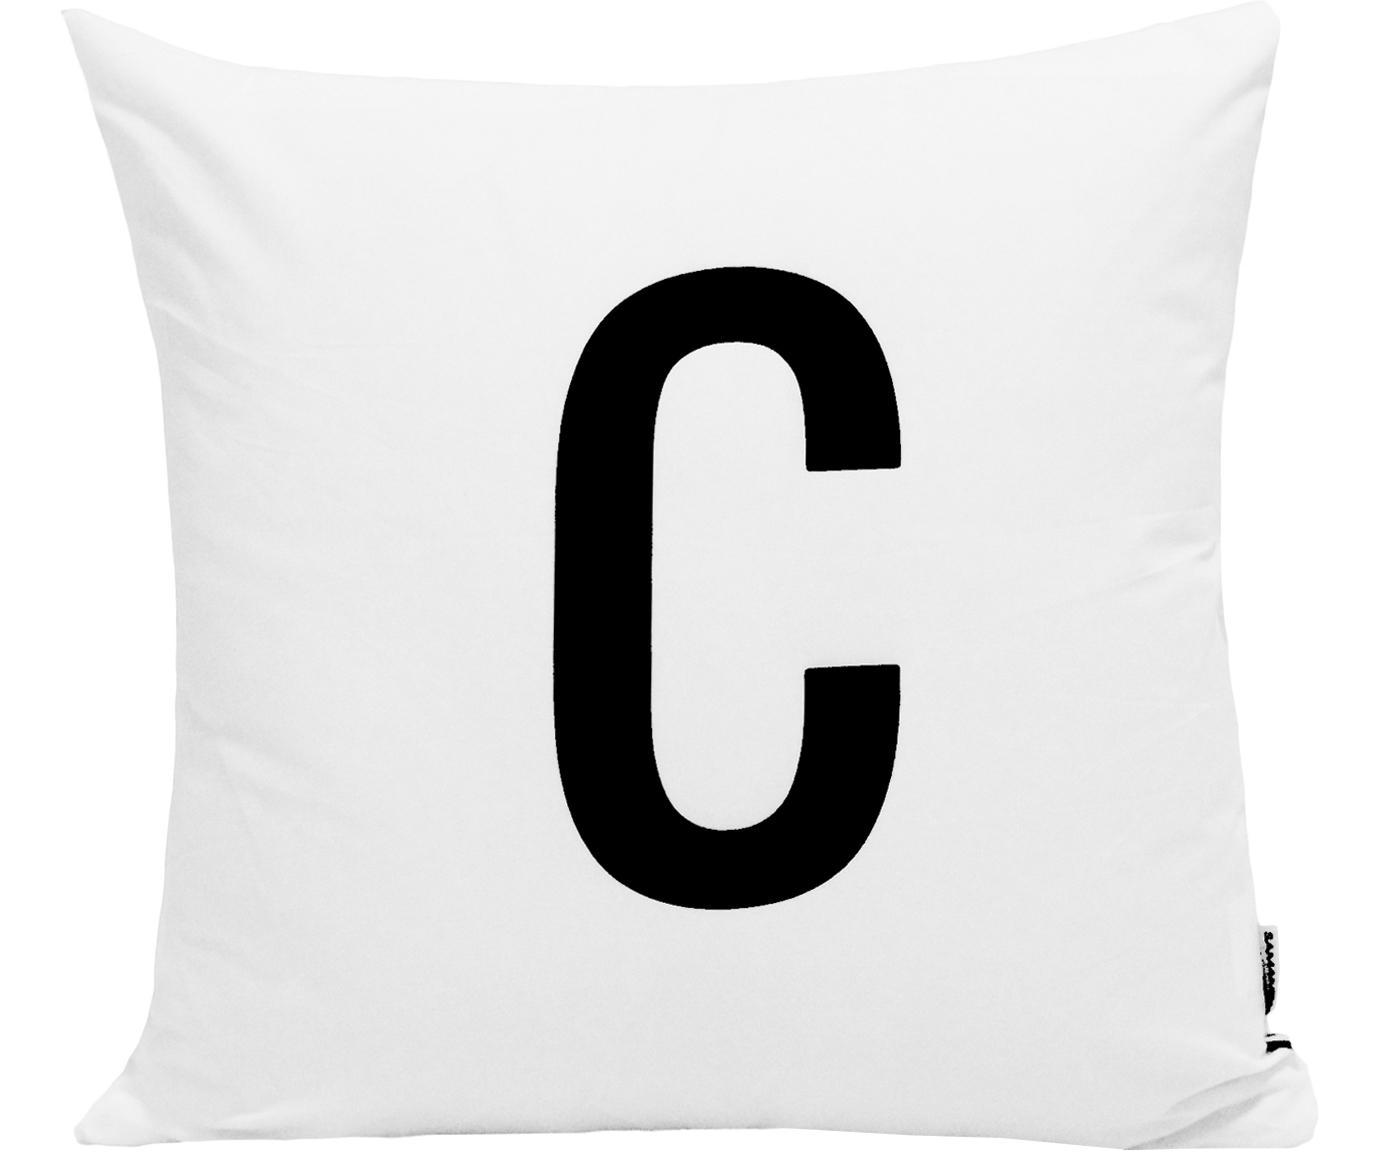 Federa arredo Alphabet (varianti dalla A alla Z), 100% poliestere, Nero, bianco, Federa arredo C